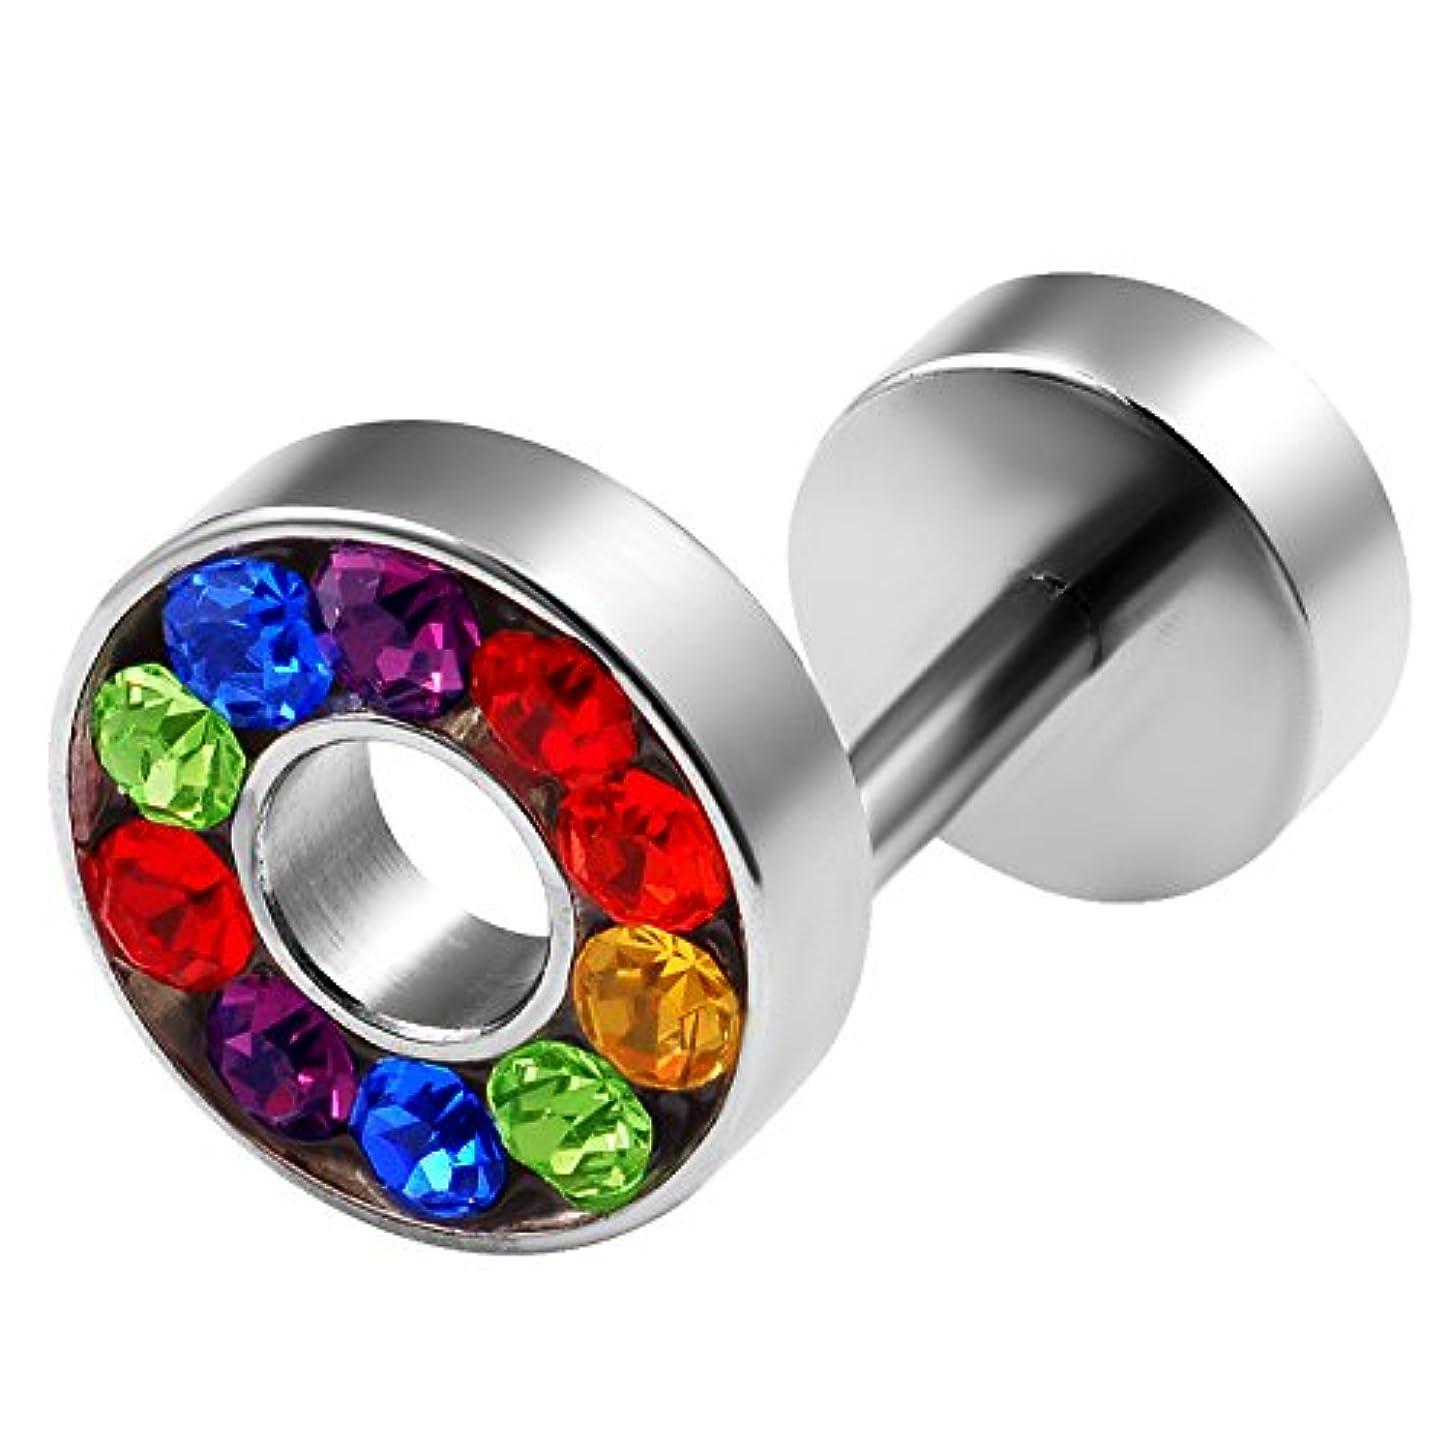 エアコン中級情熱的bodyjewellery 16 G 0 GフェイクゲージイヤリングイリュージョンプラグチータースタッドSurgicalステンレススチールLobeクリスタルピアスジュエリー – ピック色